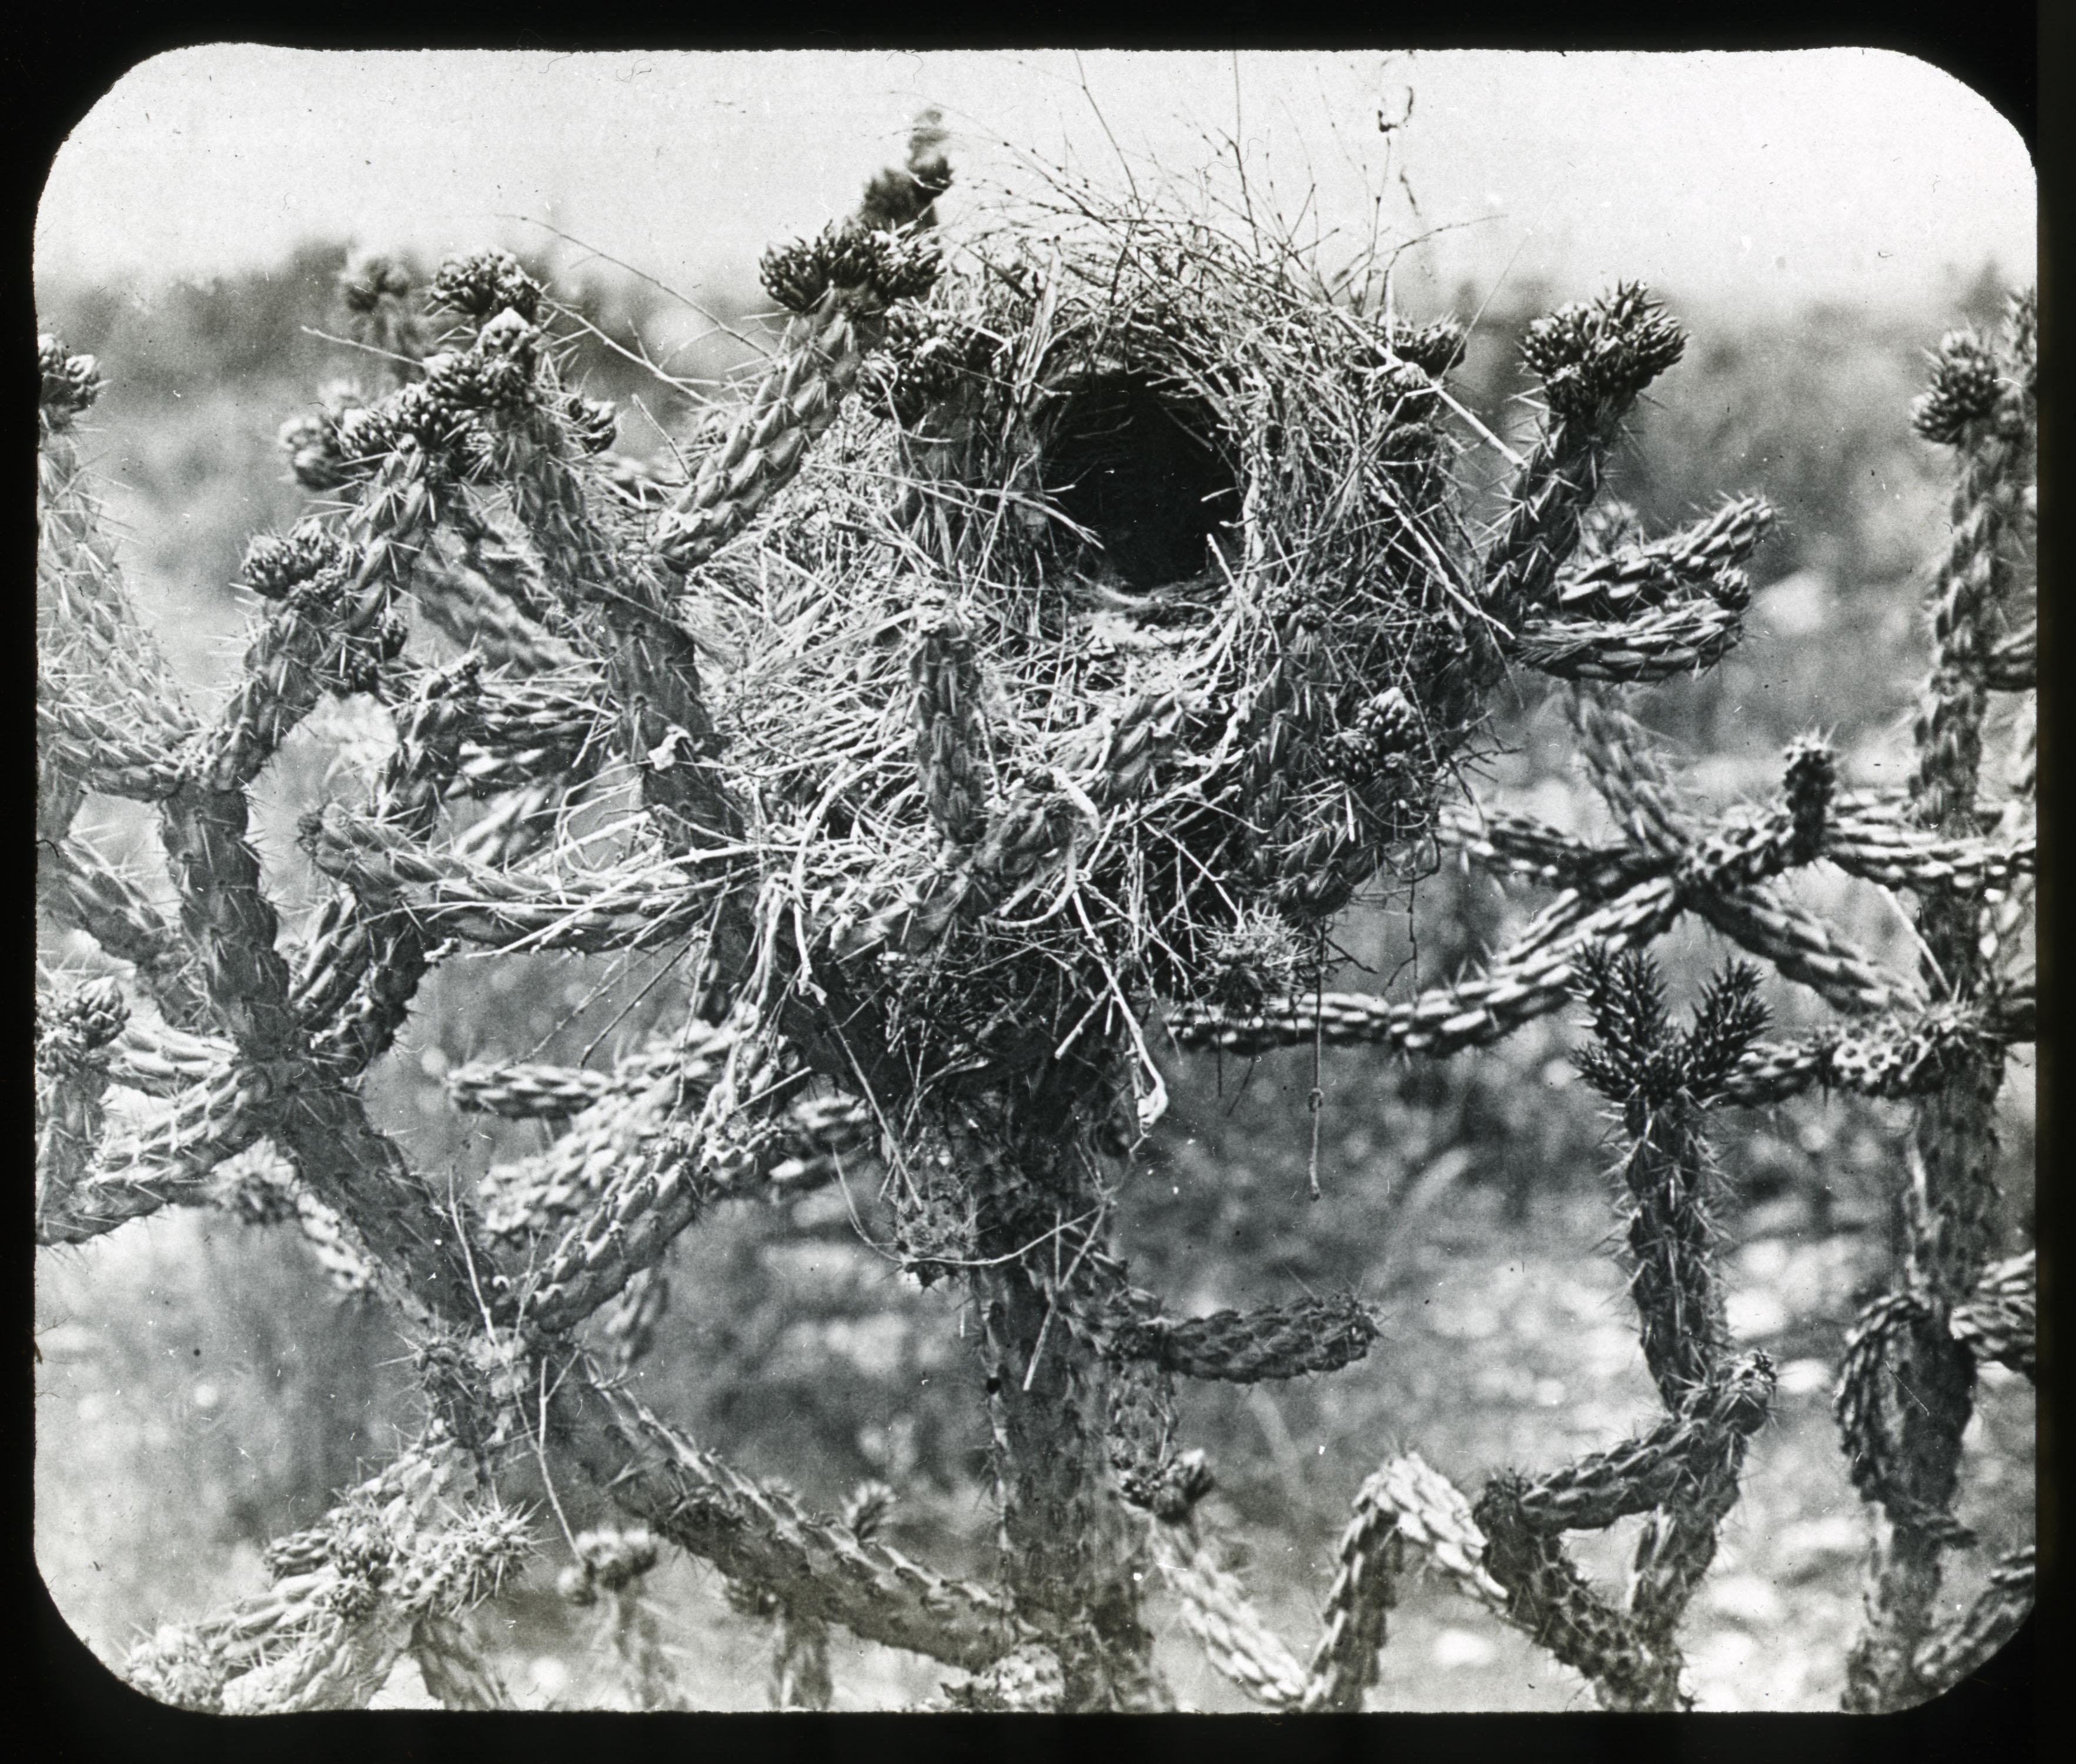 Cactus Wren's nest, Undated, by W.M. Pierce. Glass lantern slide, Lantern Slide #50.